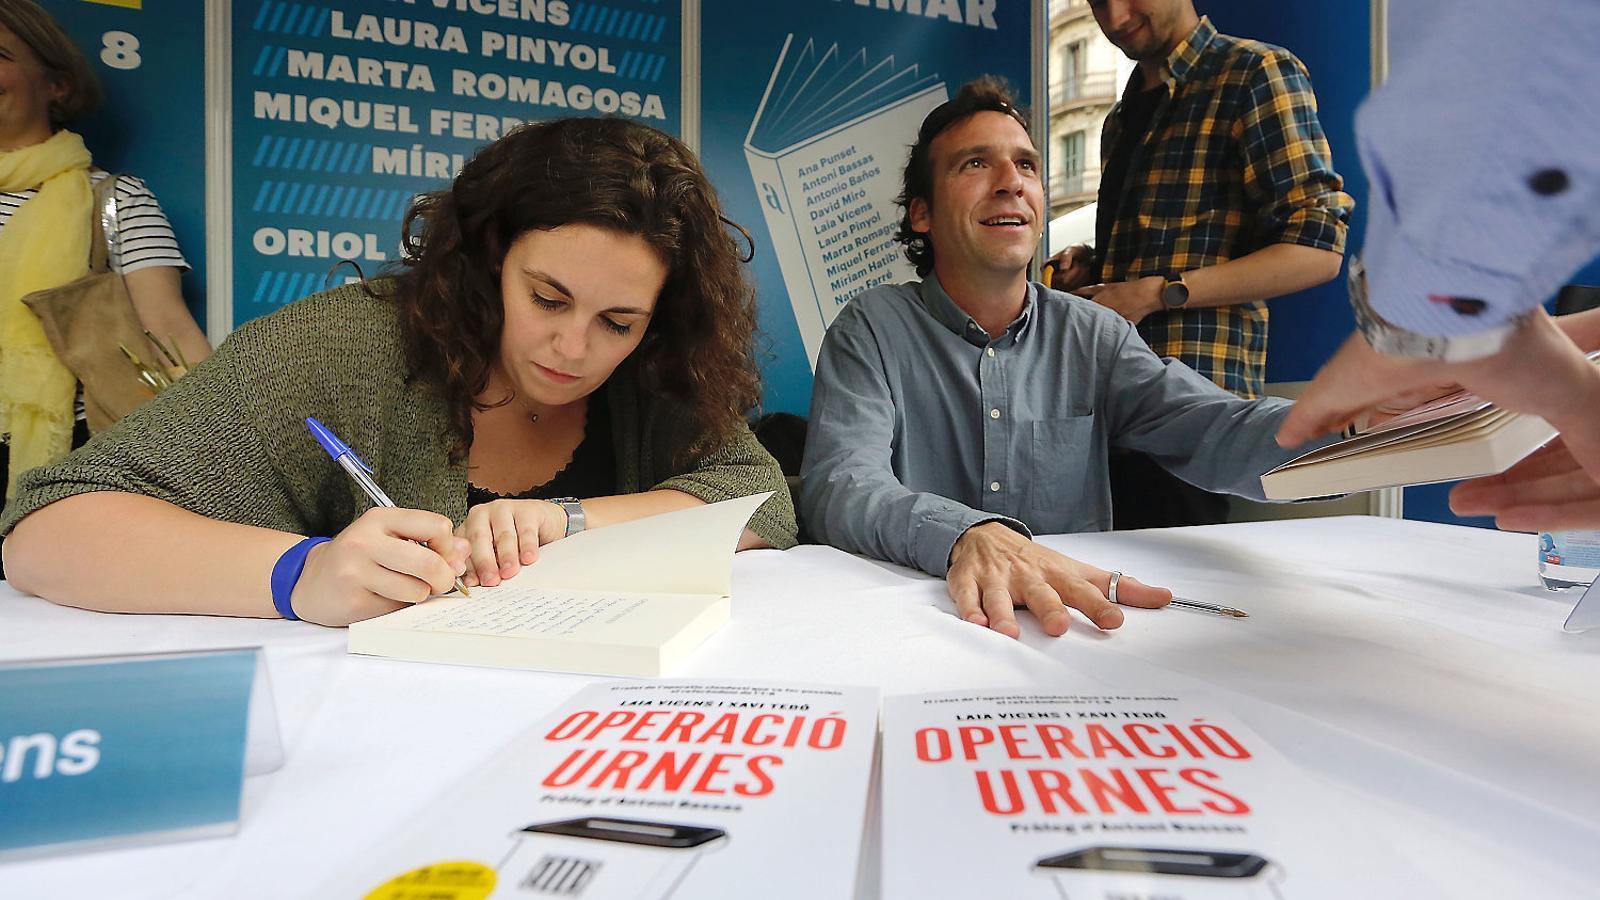 Periodisme, poesia i feminisme: 10 autors que han marcat el Sant Jordi